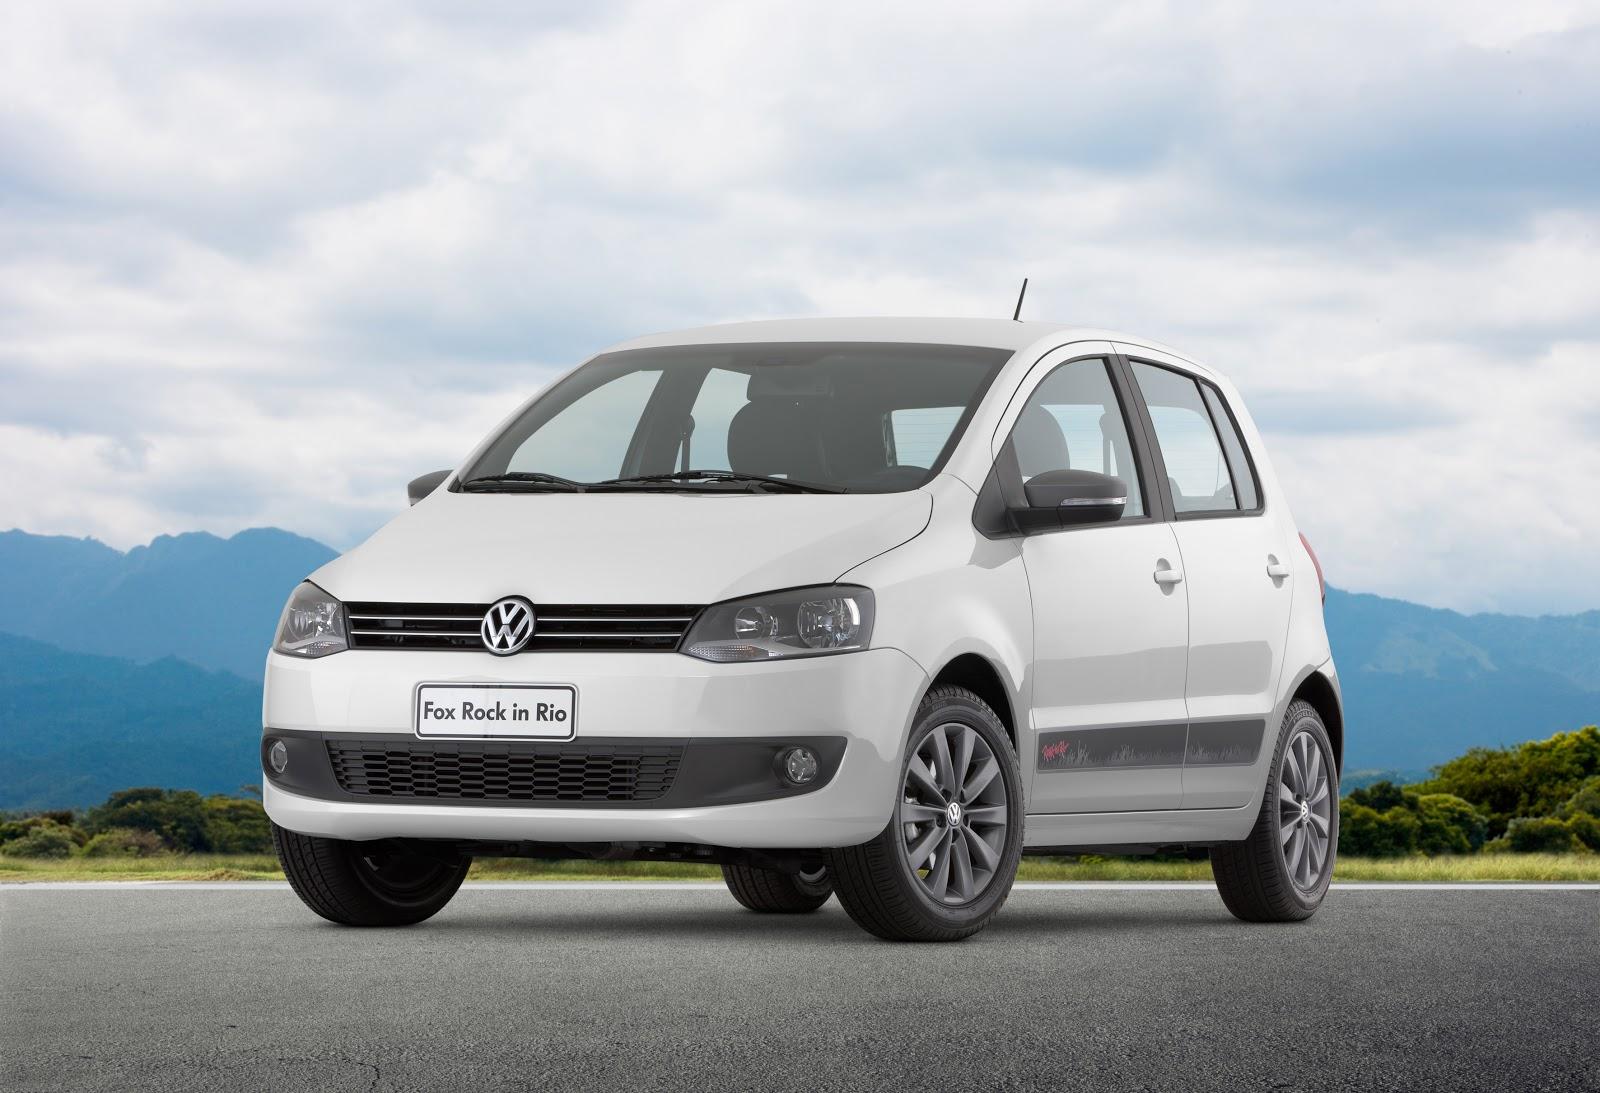 Volkswagen terá ações inovadoras no Rock in Rio a2e0e0dcc05